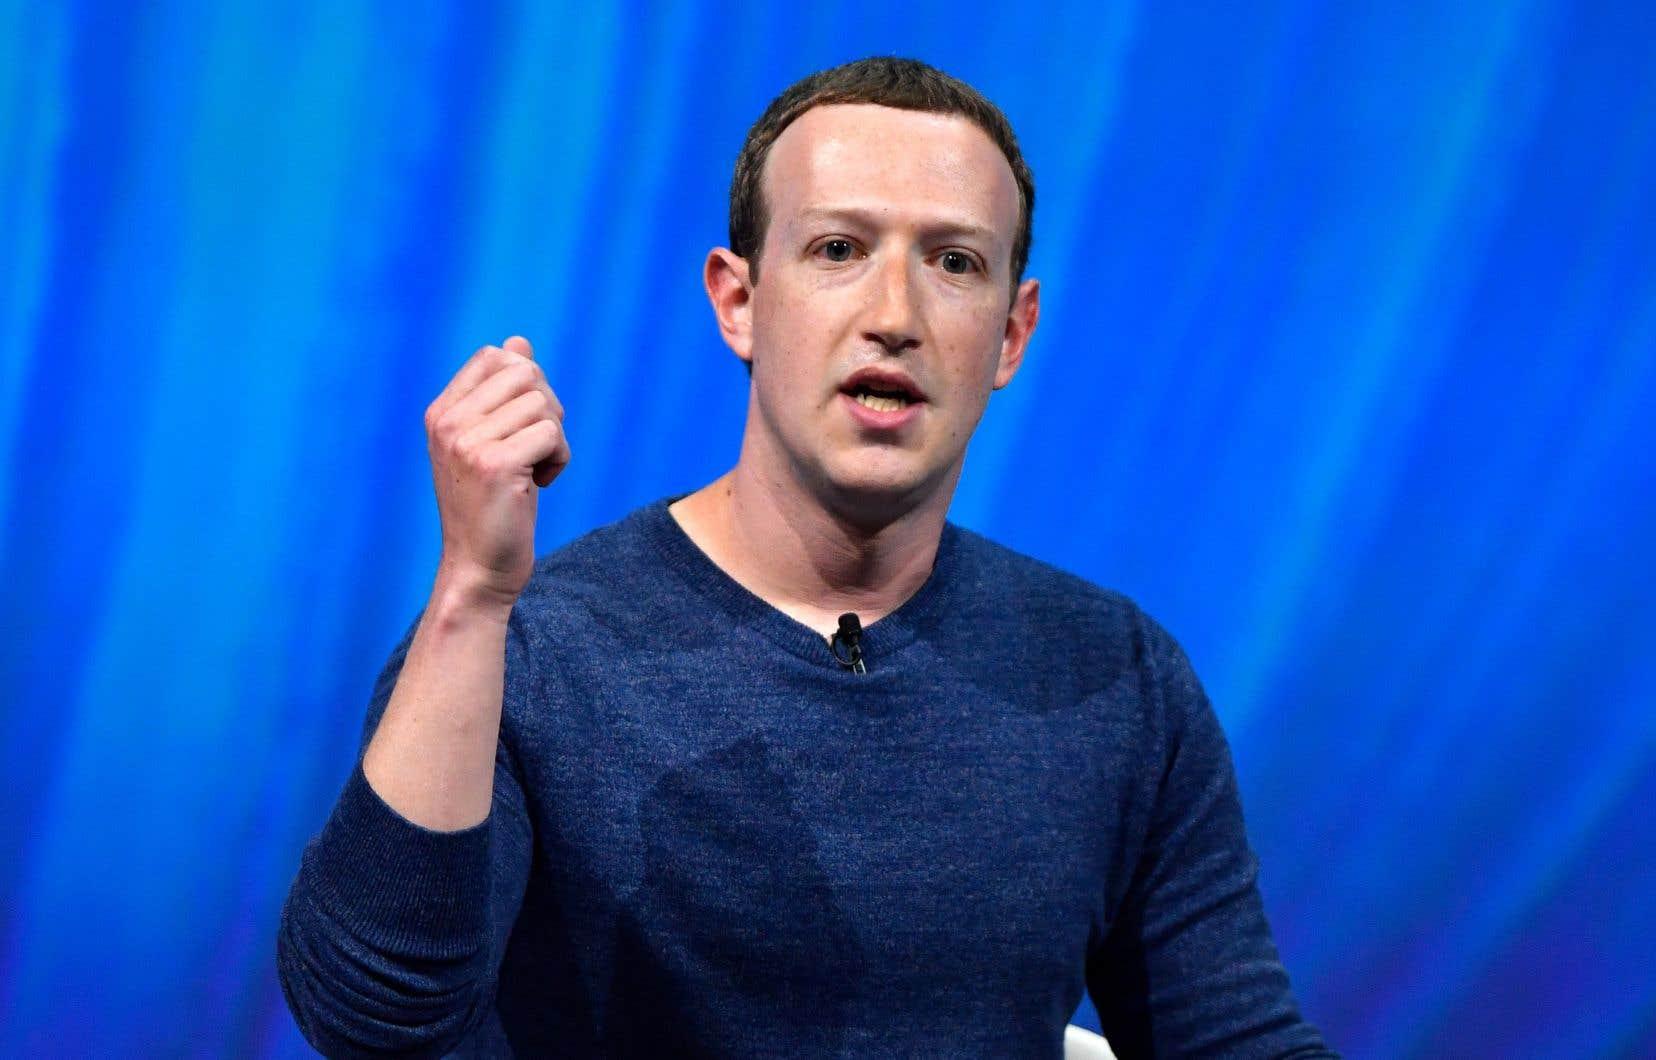 Le fondateur de Facebook, Mark Zuckerberg, a très certainement été inspiré dans le choix de son défi par les deux années terribles que vient de connaître sa société.